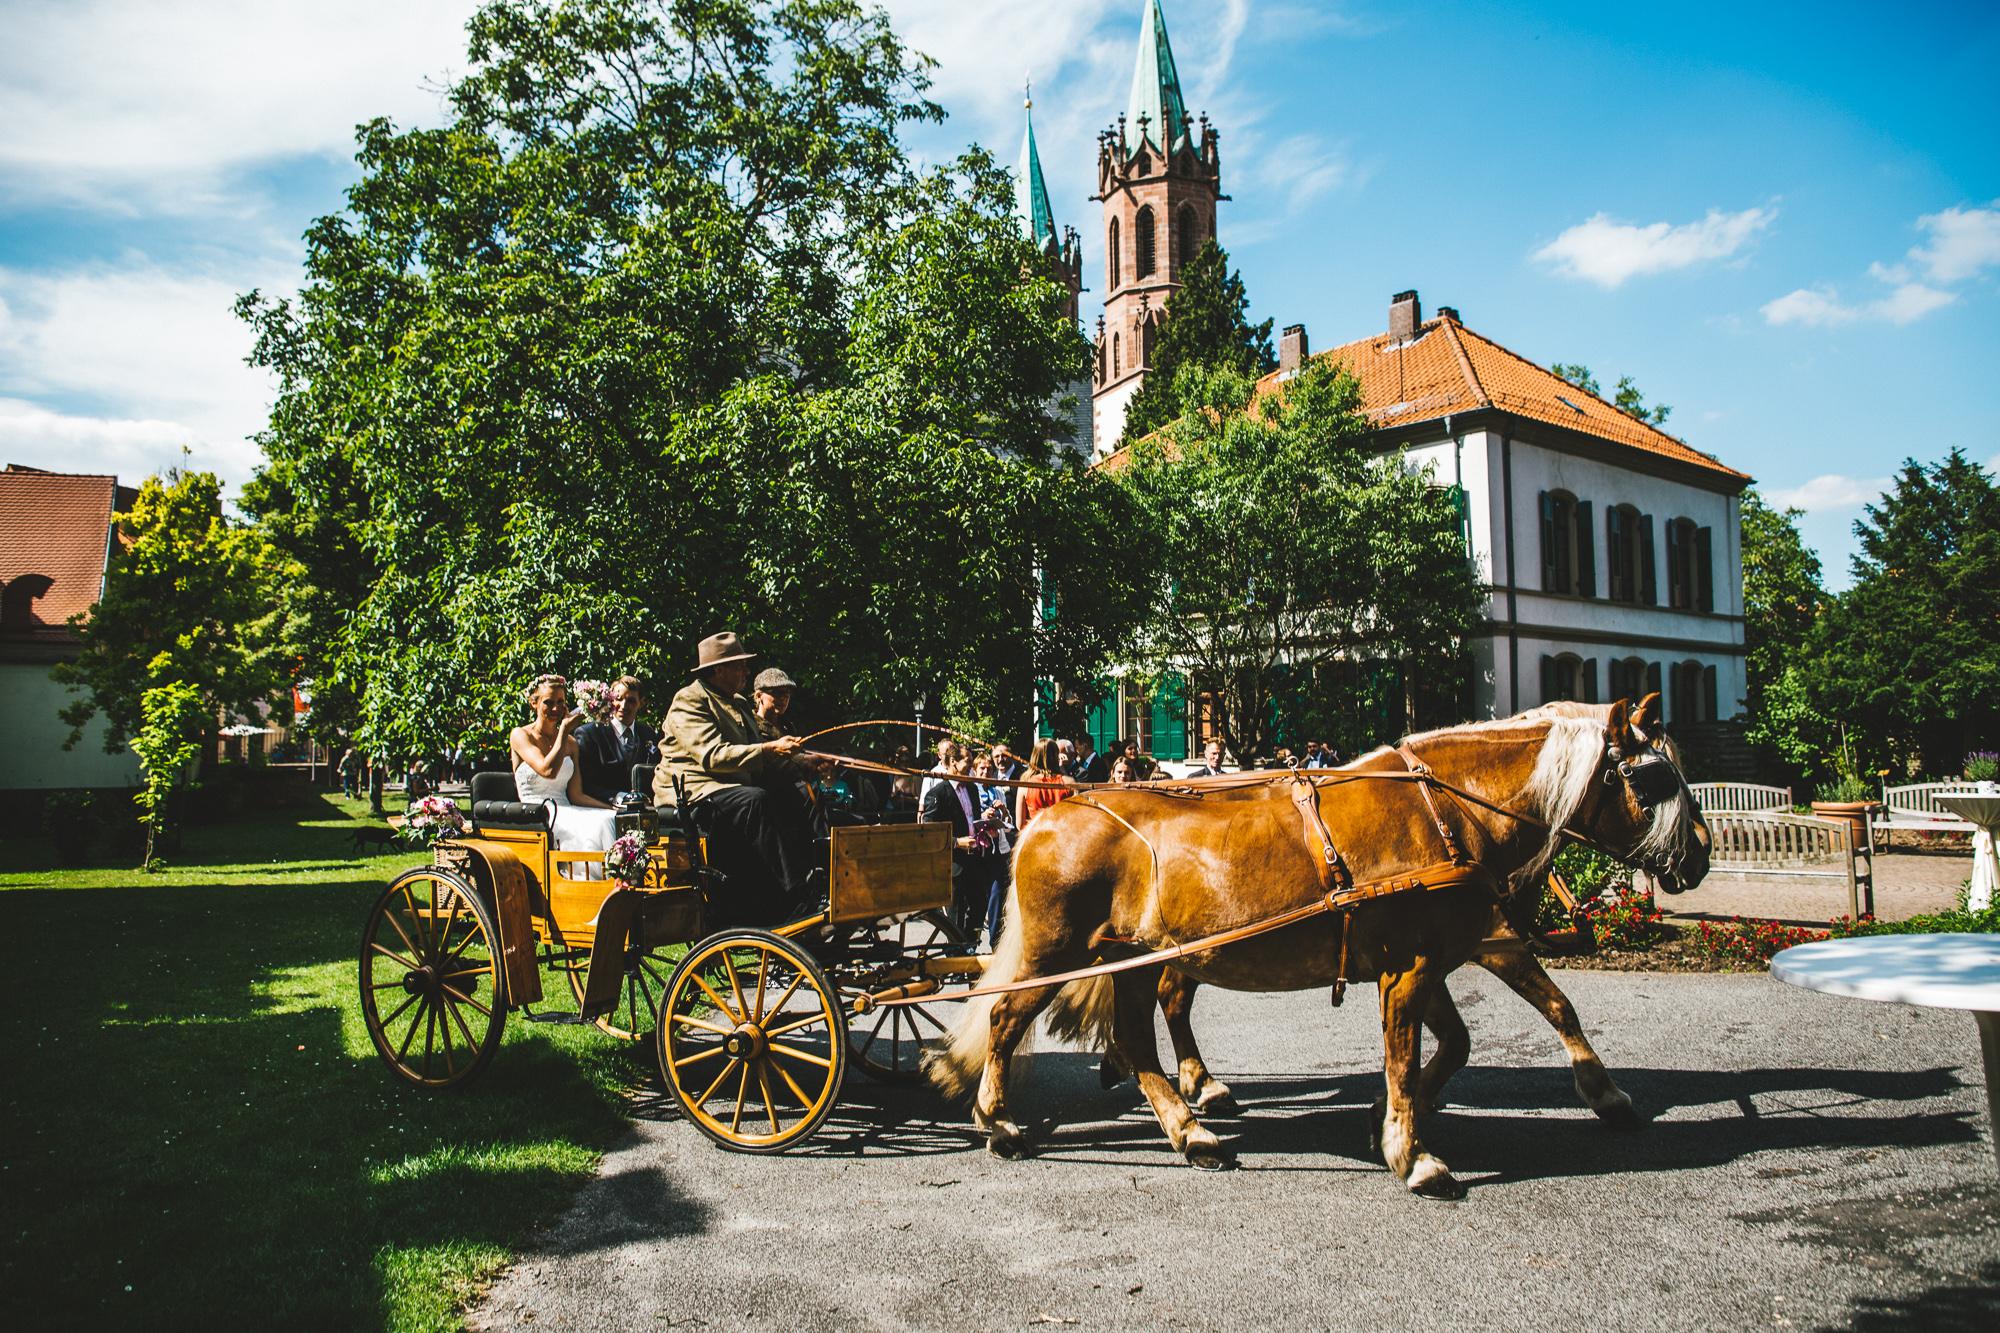 annethomas 221 - Hochzeit im wunderschönen Ladenburg in Eichenstolz